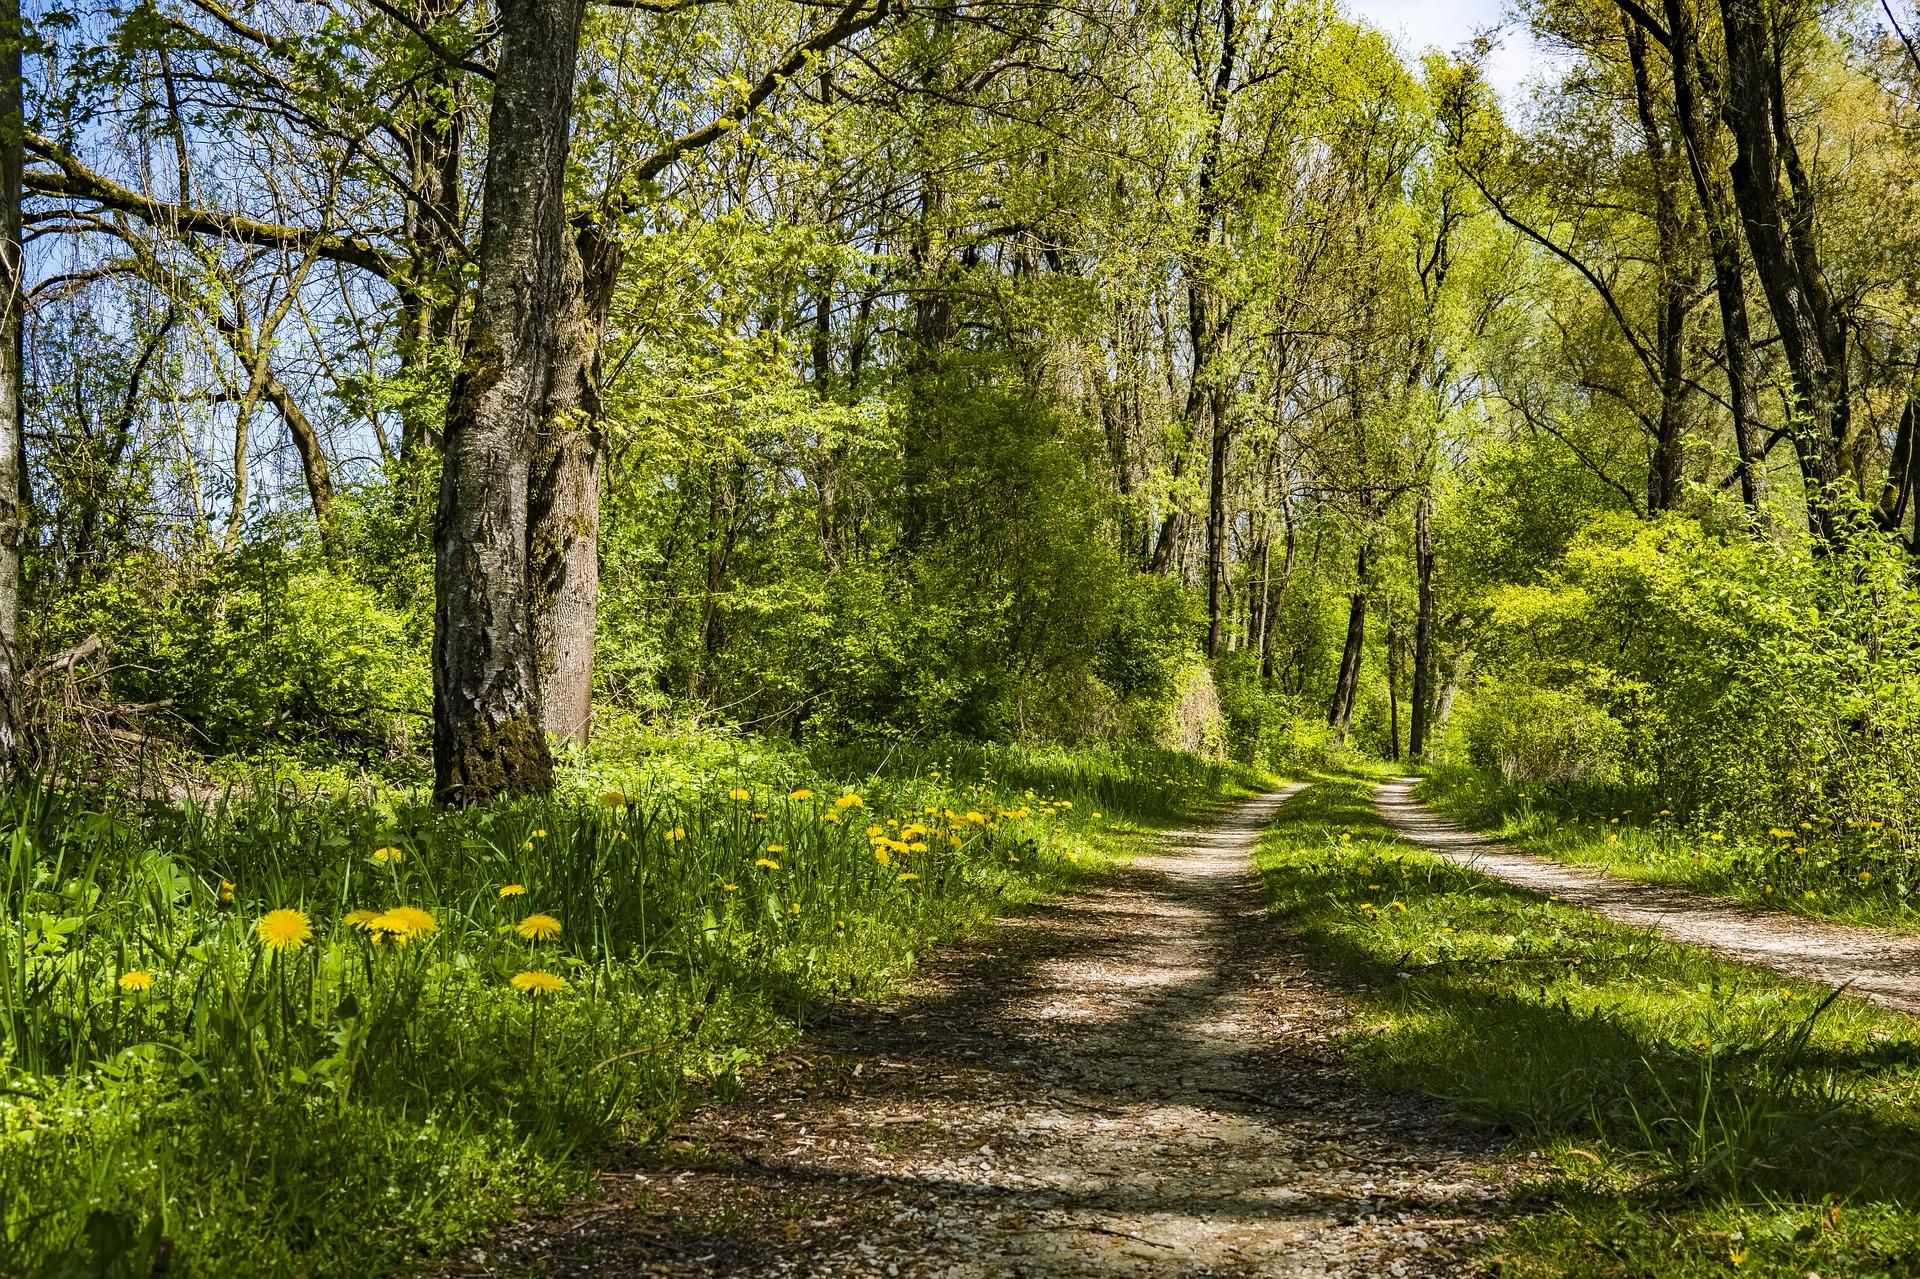 Waldweg - Waldbaden, pixabay